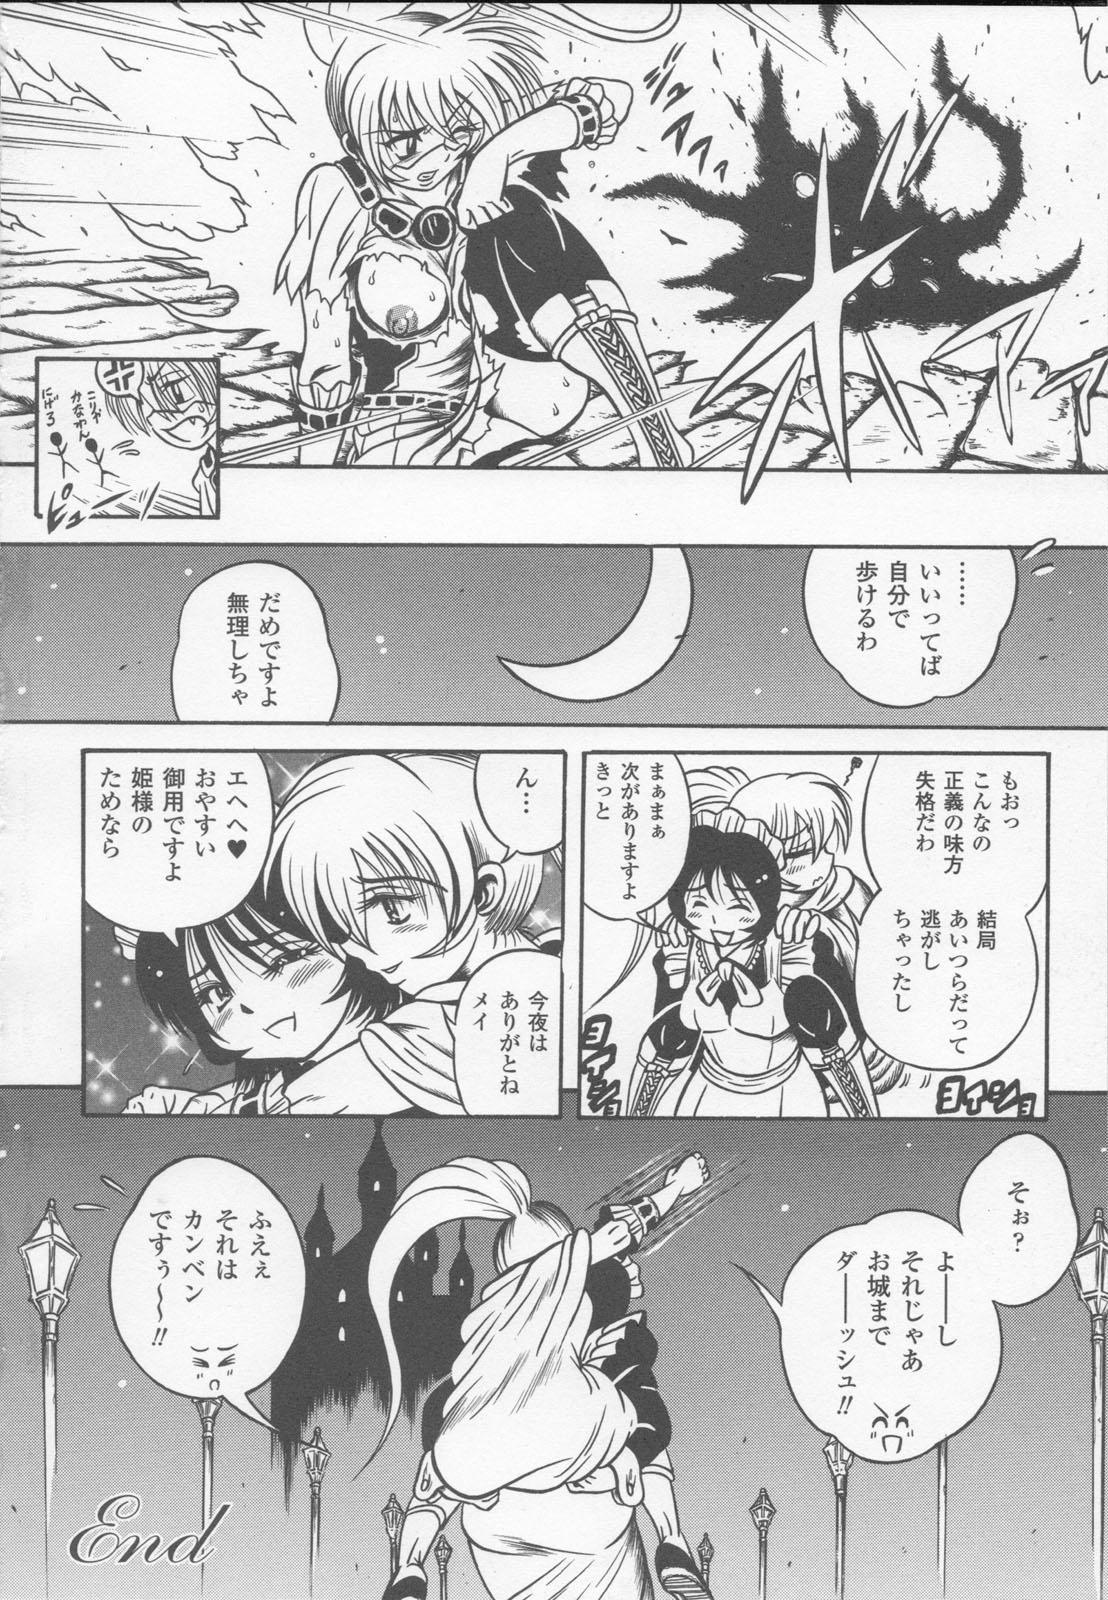 Shirayuri no Kenshi Anthology Comics 77